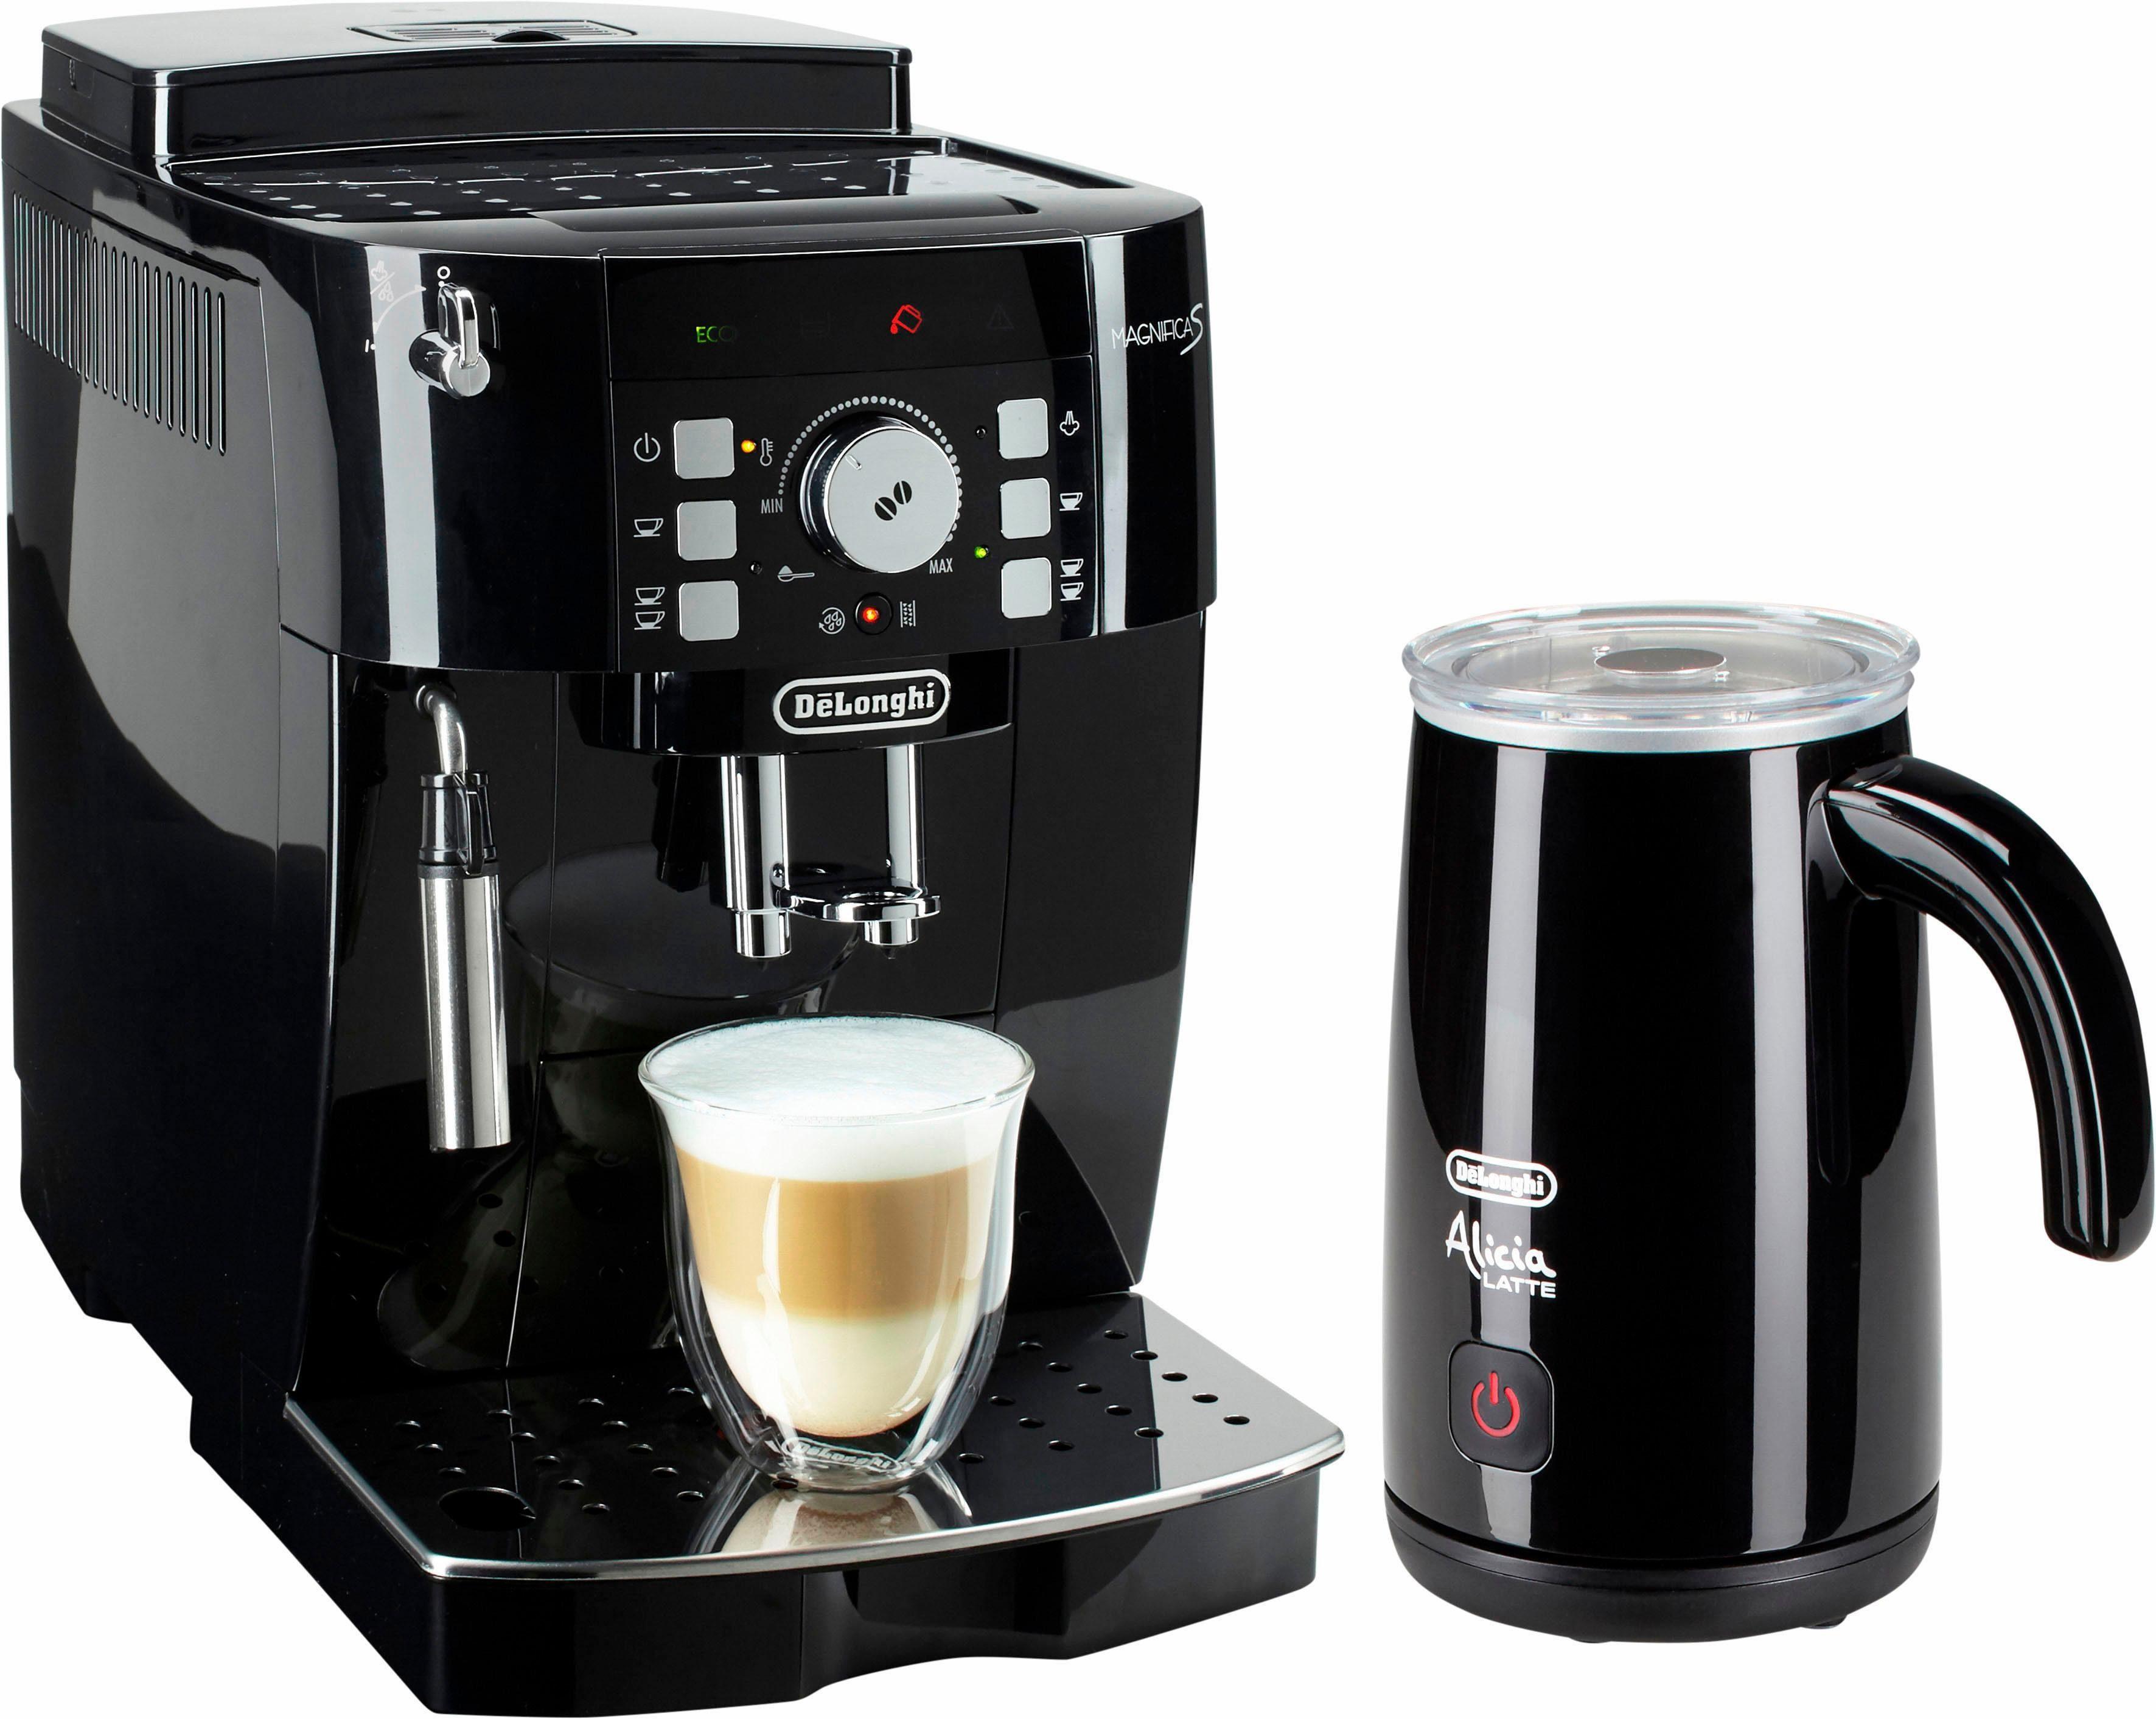 De'Longhi Kaffeevollautomat ECAM 21.118.B, 1,8l Tank, Kegelmahlwerk, inkl. Milchaufschäumer im Wert von UVP 89,99